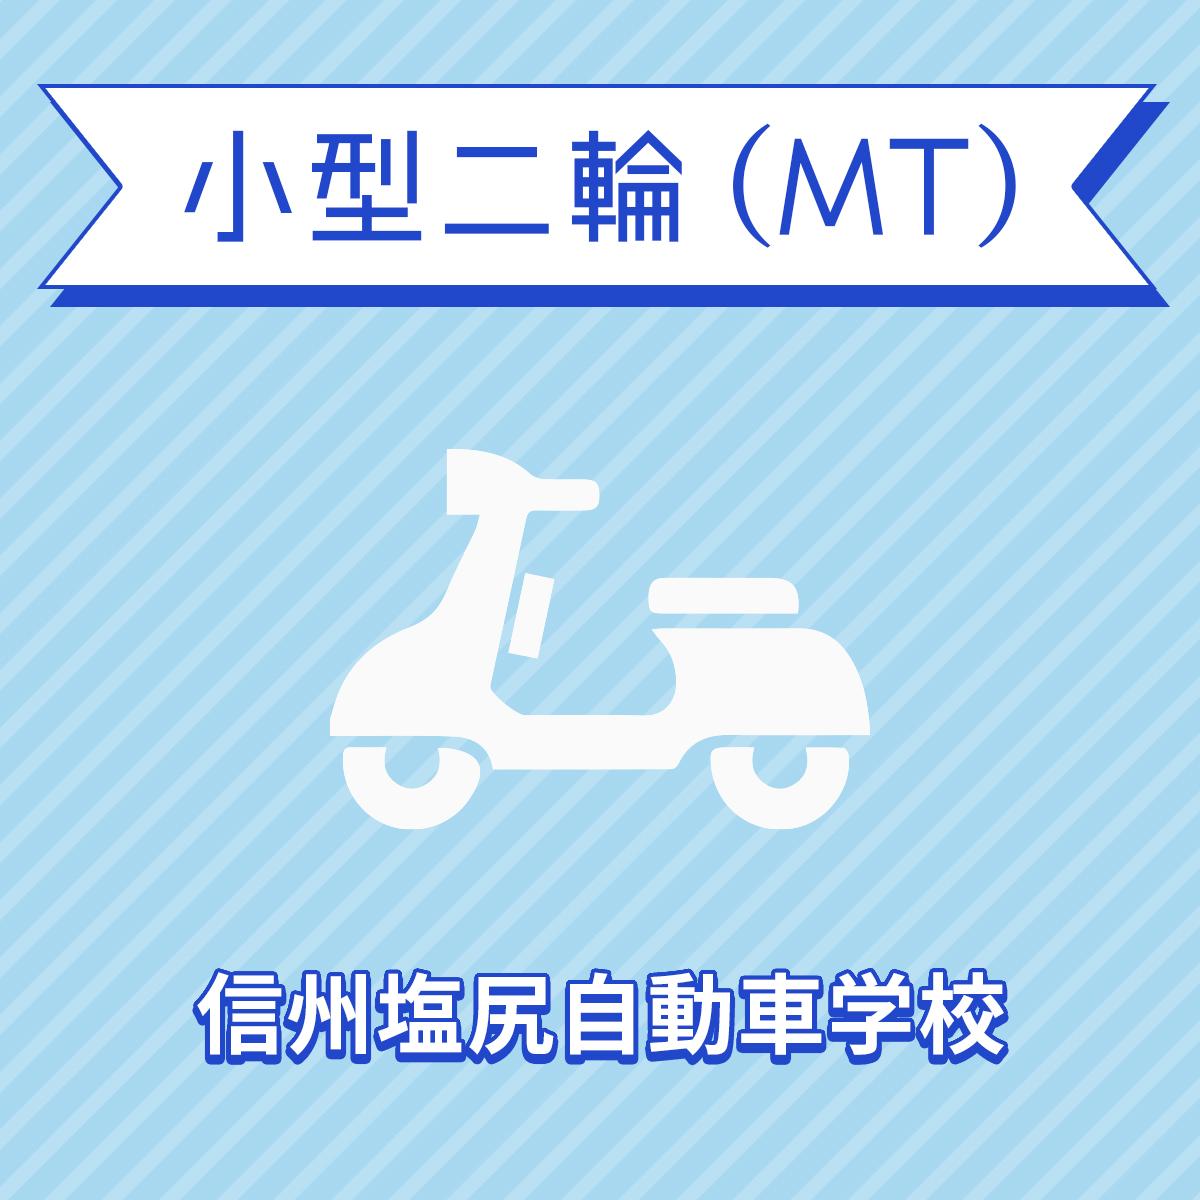 【長野県塩尻市】小型二輪MTコース<免許なし/原付免許所持対象>